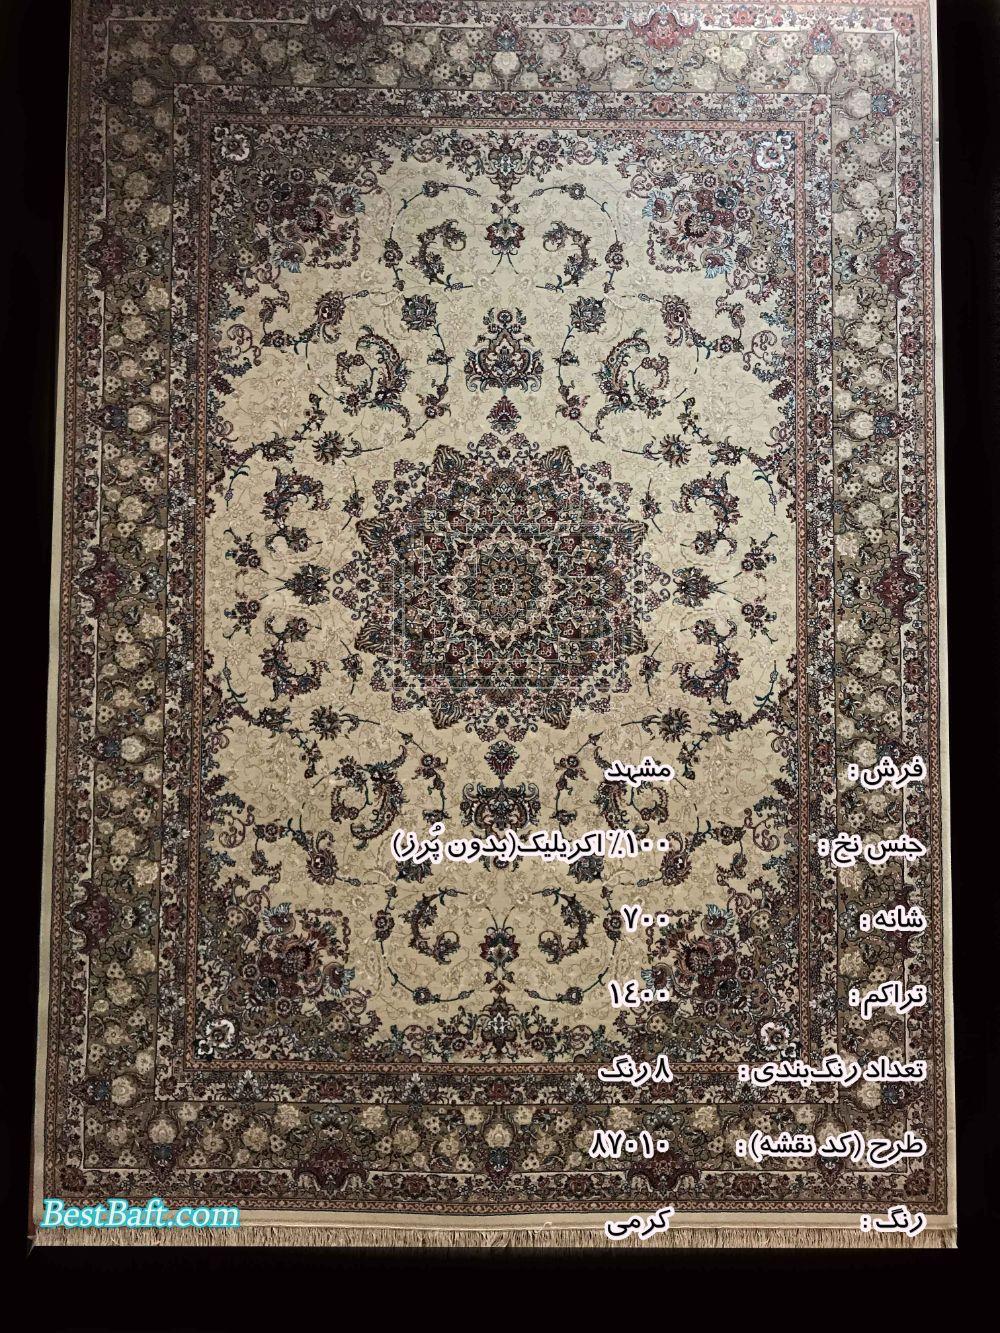 مشخصات، قیمت و خرید فرش مشهد 700 شانه کد 87010 کرمی